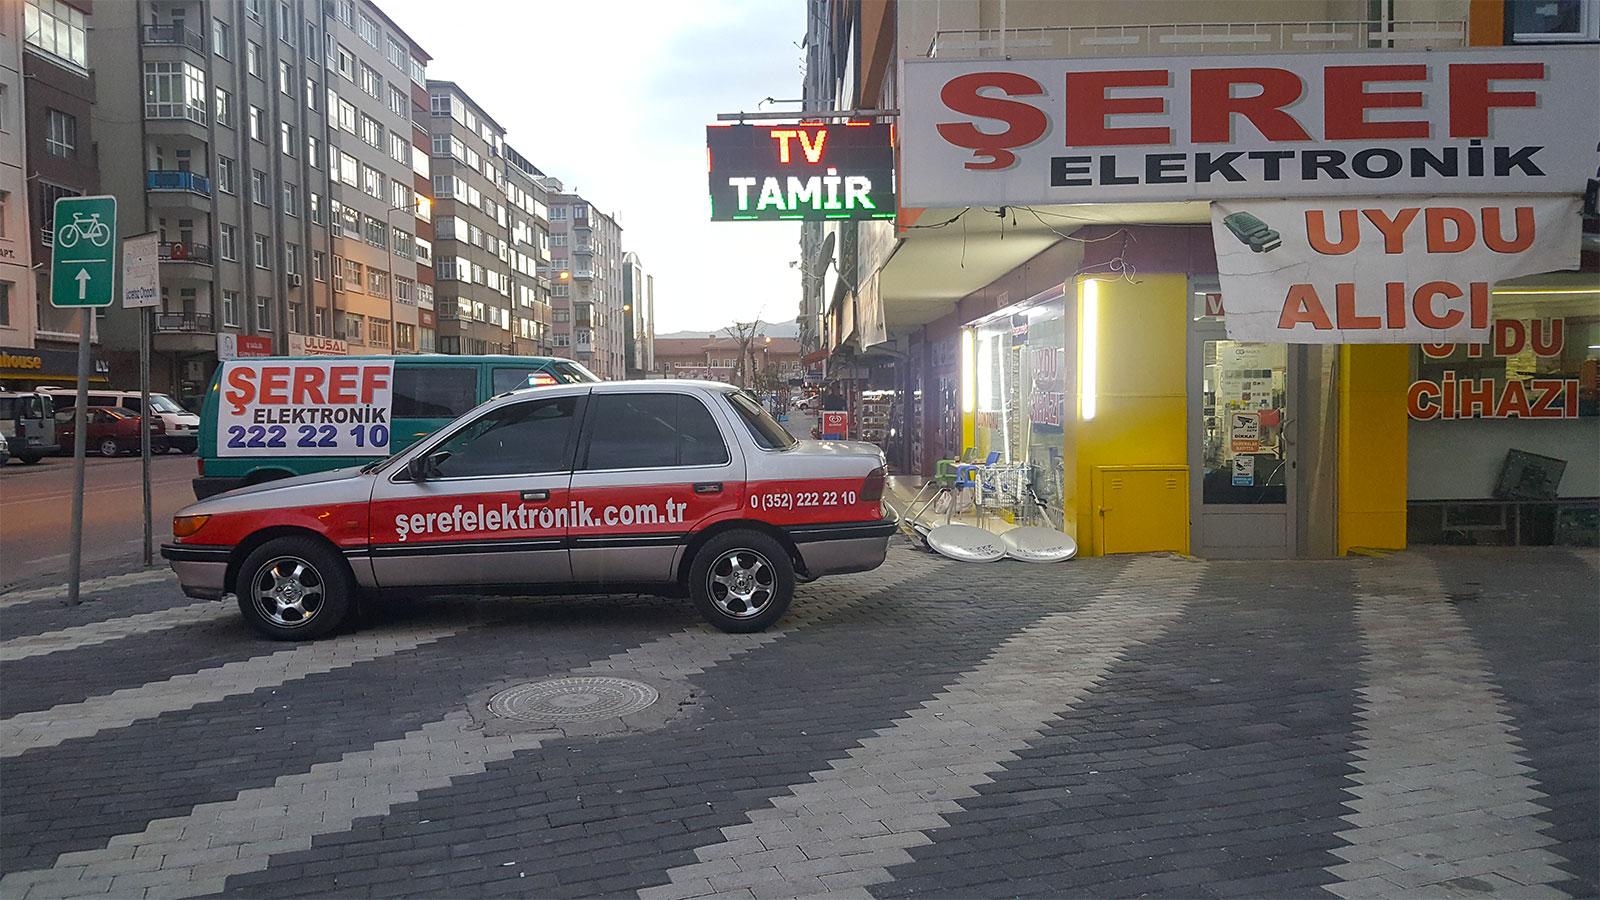 Kayseri Televizyon Tamir Servisi